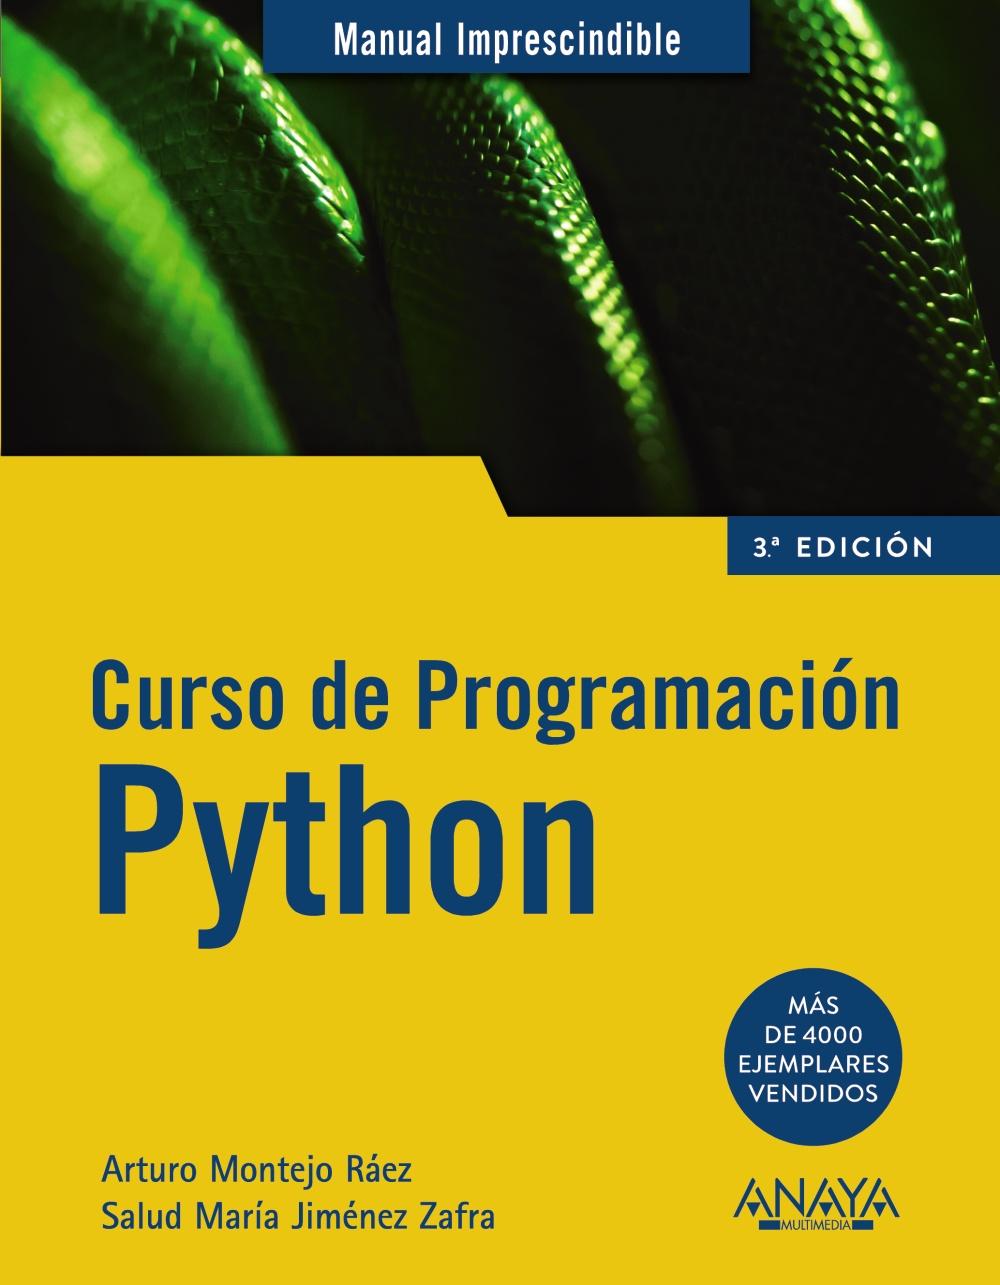 CURSO DE PROGRAMACION PYTHON (MANUALES IMPRESCINDIBLES